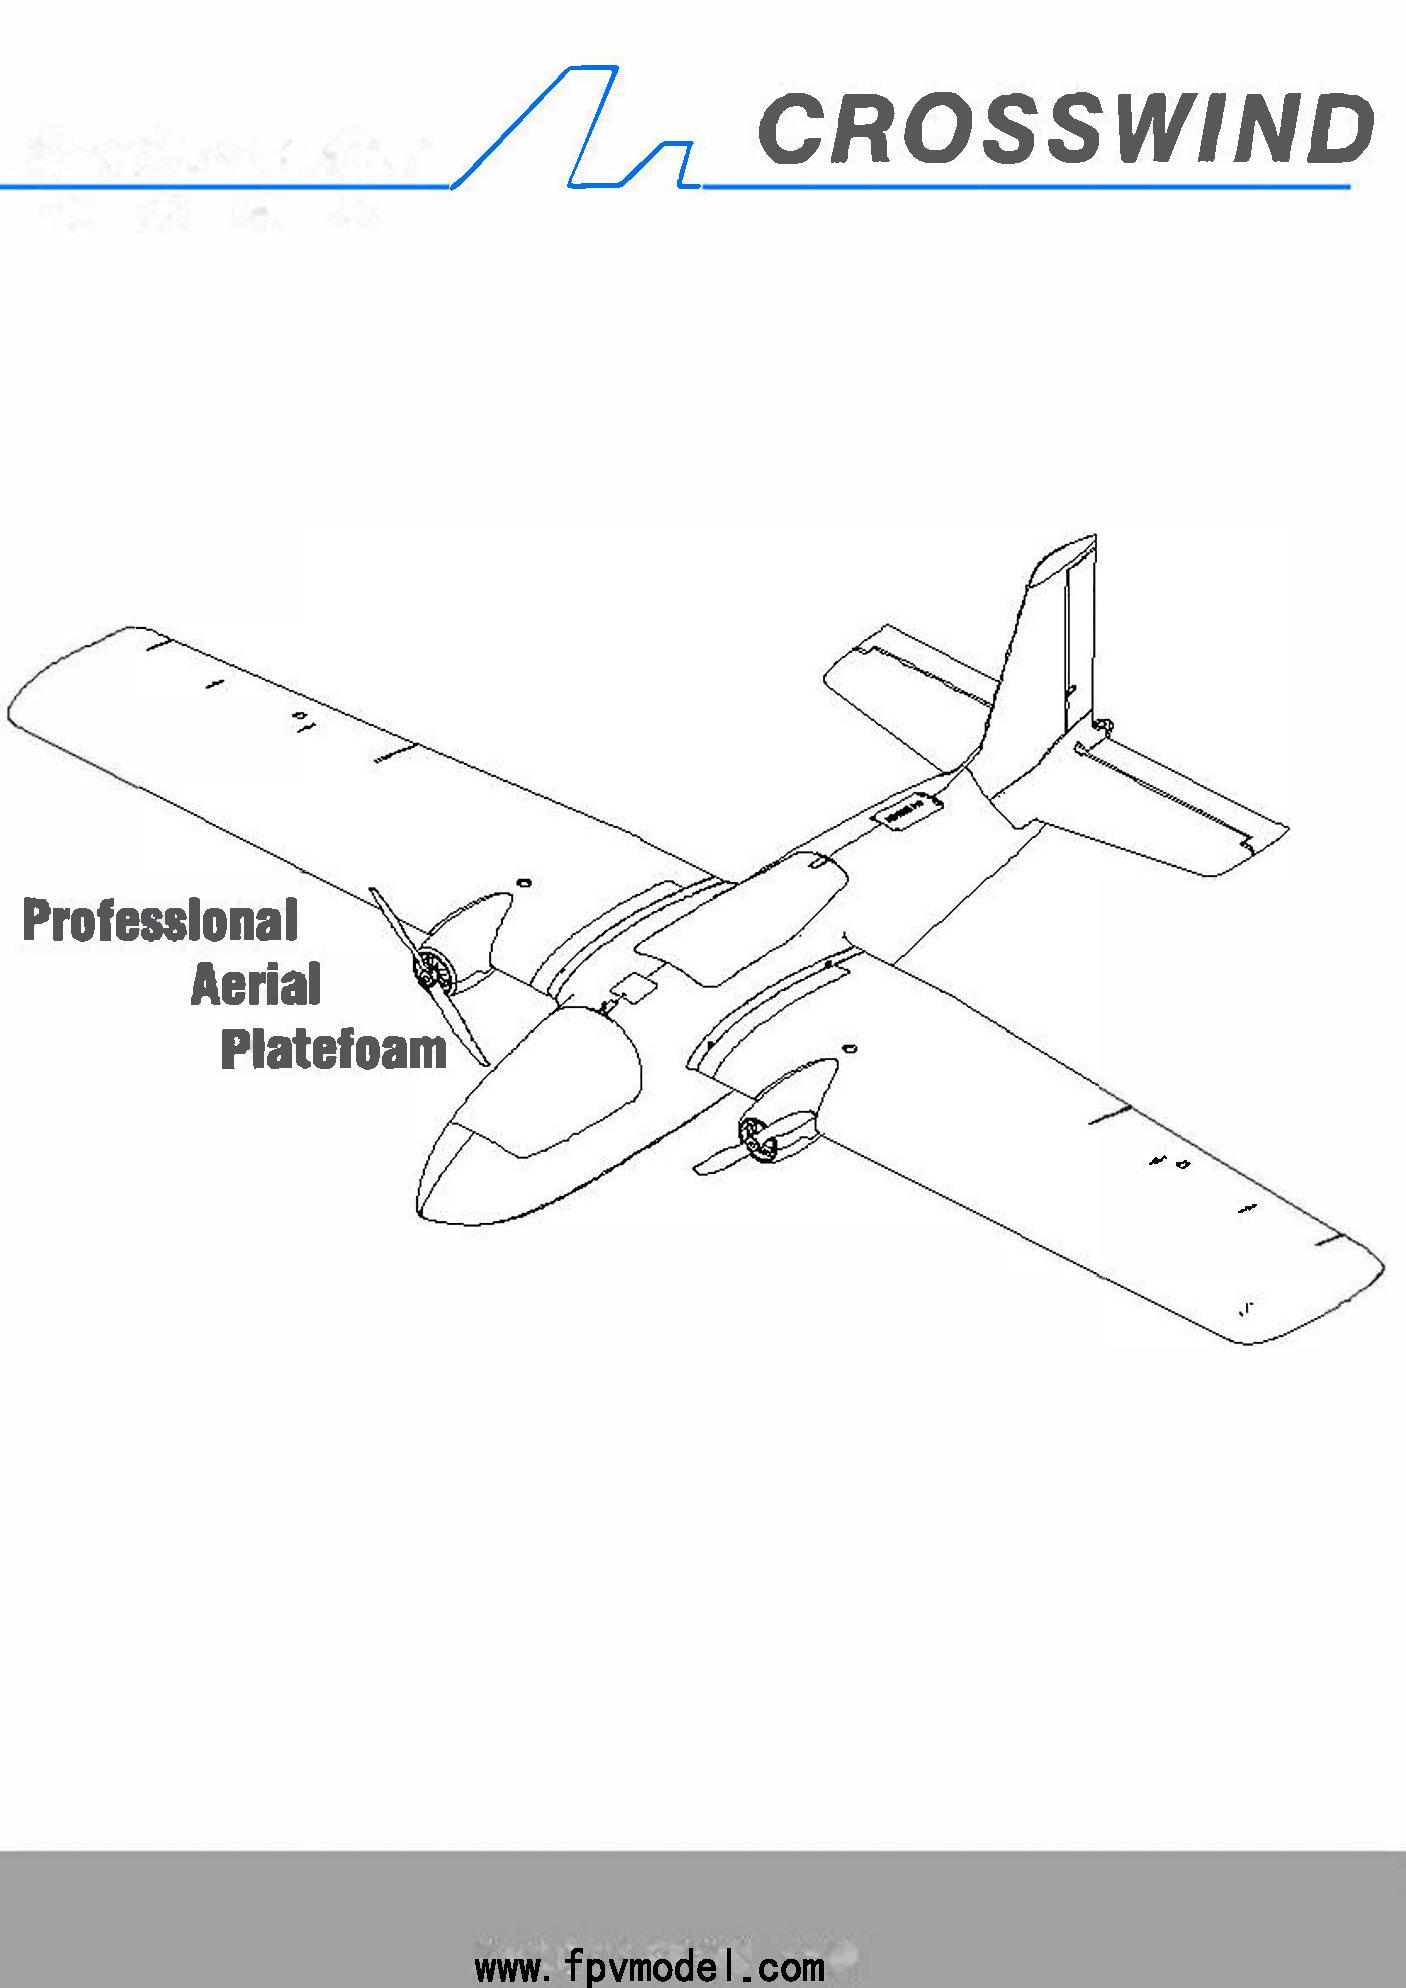 MFD Crosswind Nimbus Pro V2 1900mm FPV Plane Frame Kit